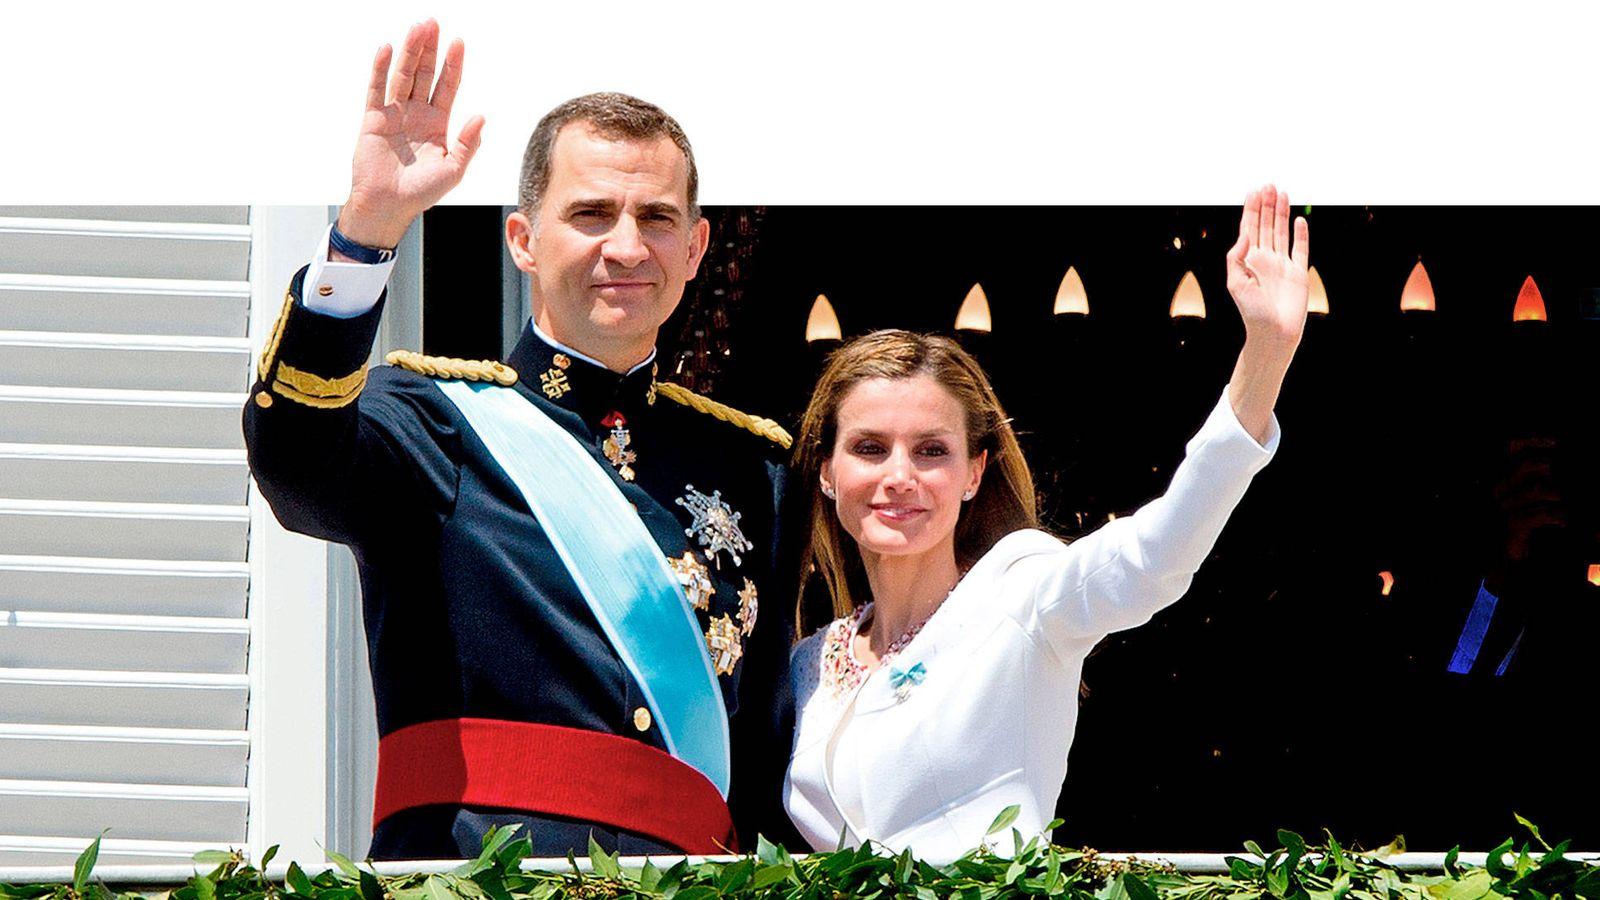 Foto: Los reyes Felipe y Letizia saludan desde el Palacio Real, el día de su proclamación. (Cordon Press)